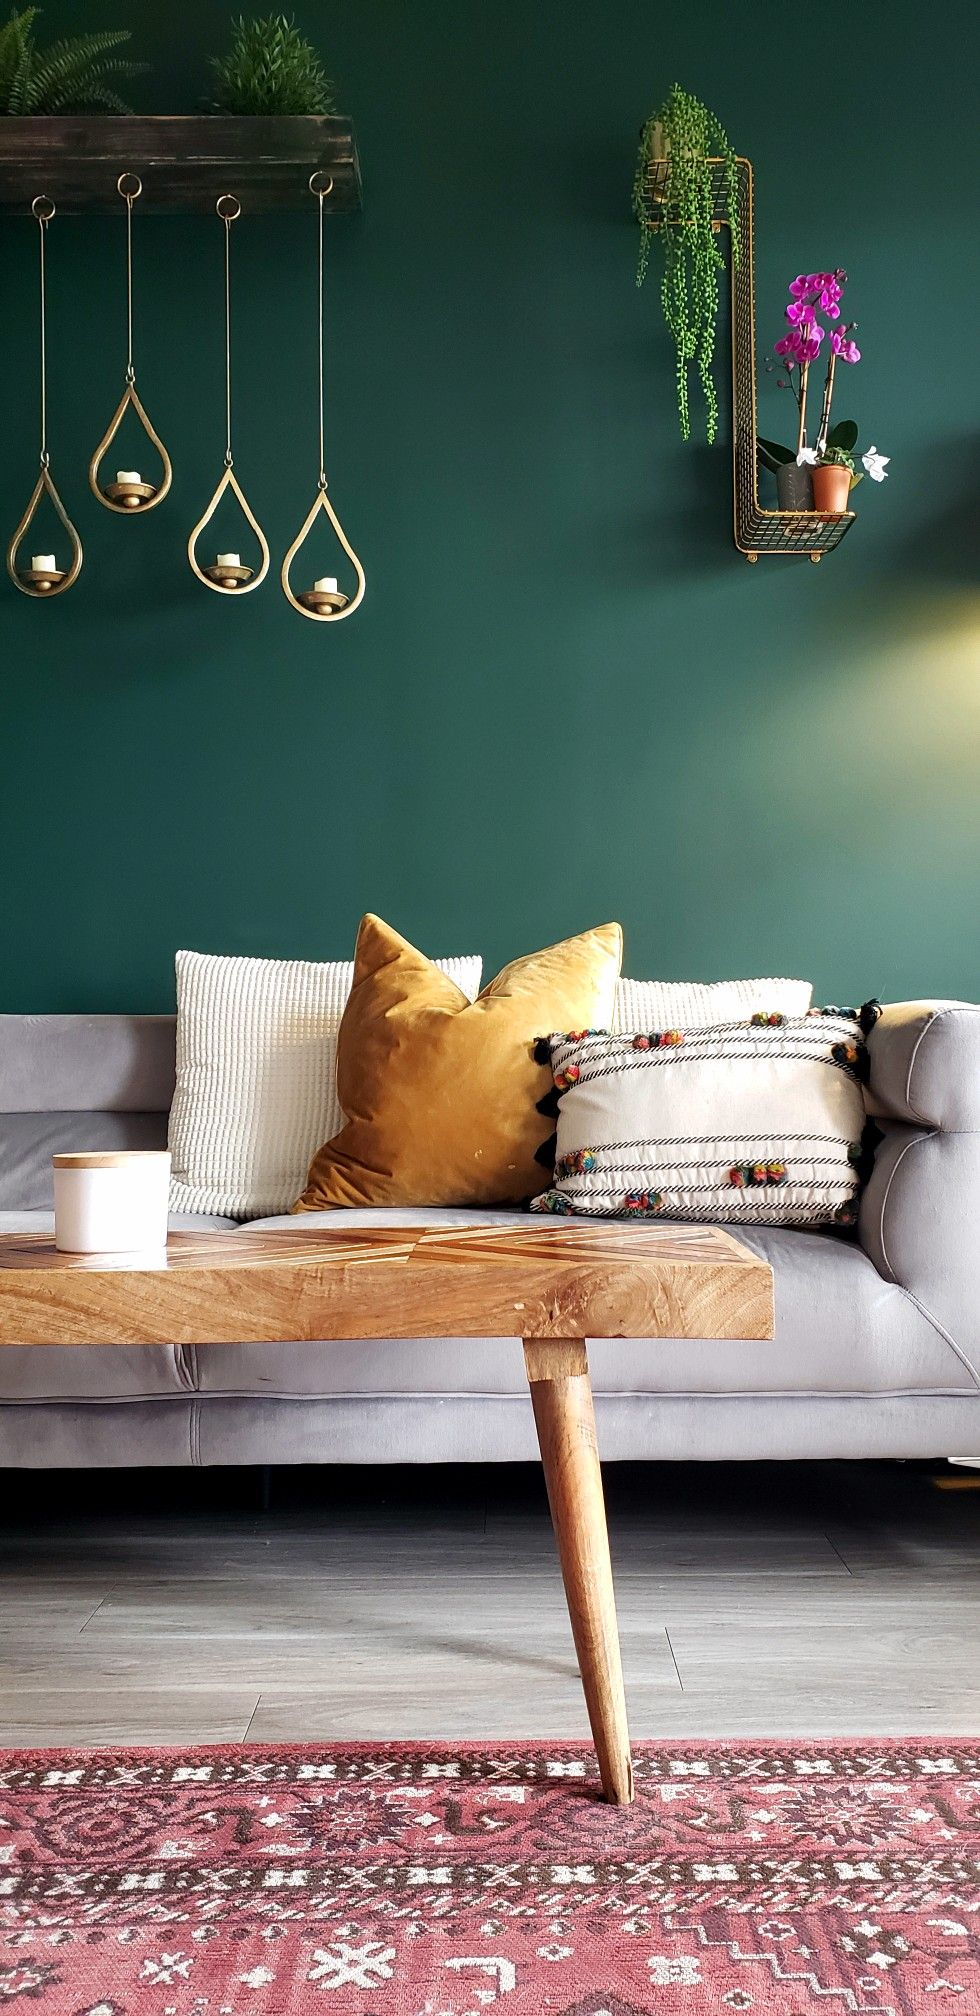 Emerald Accent Wall : emerald, accent, Apartment, Makeover, Emerald, Green, Walls, Living, Room,